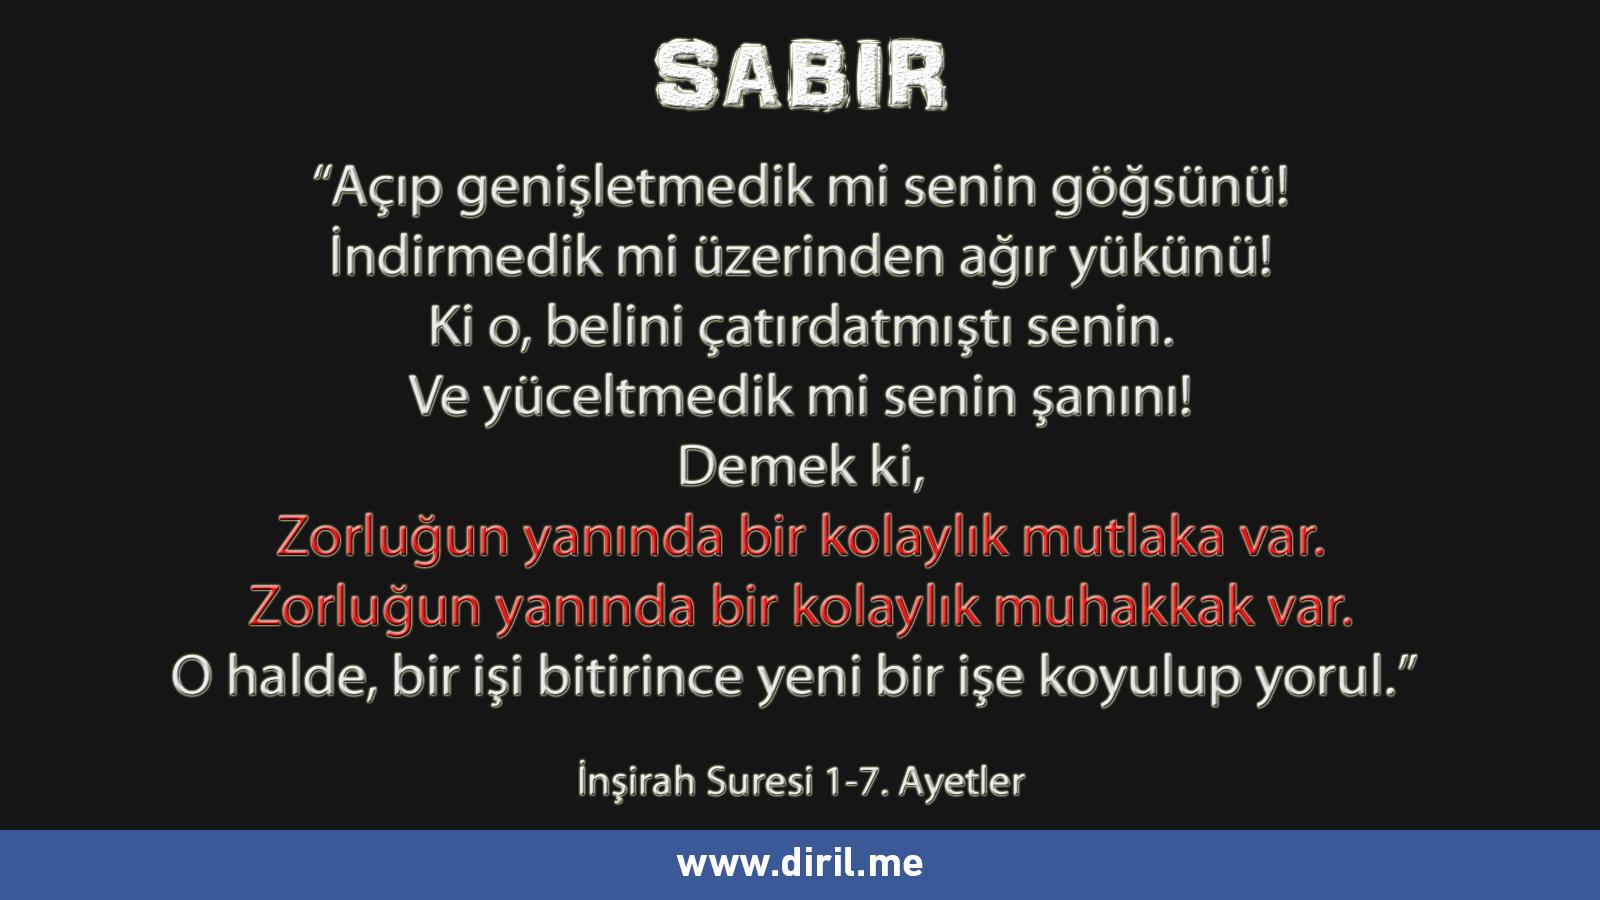 2013-01-05_Sabır